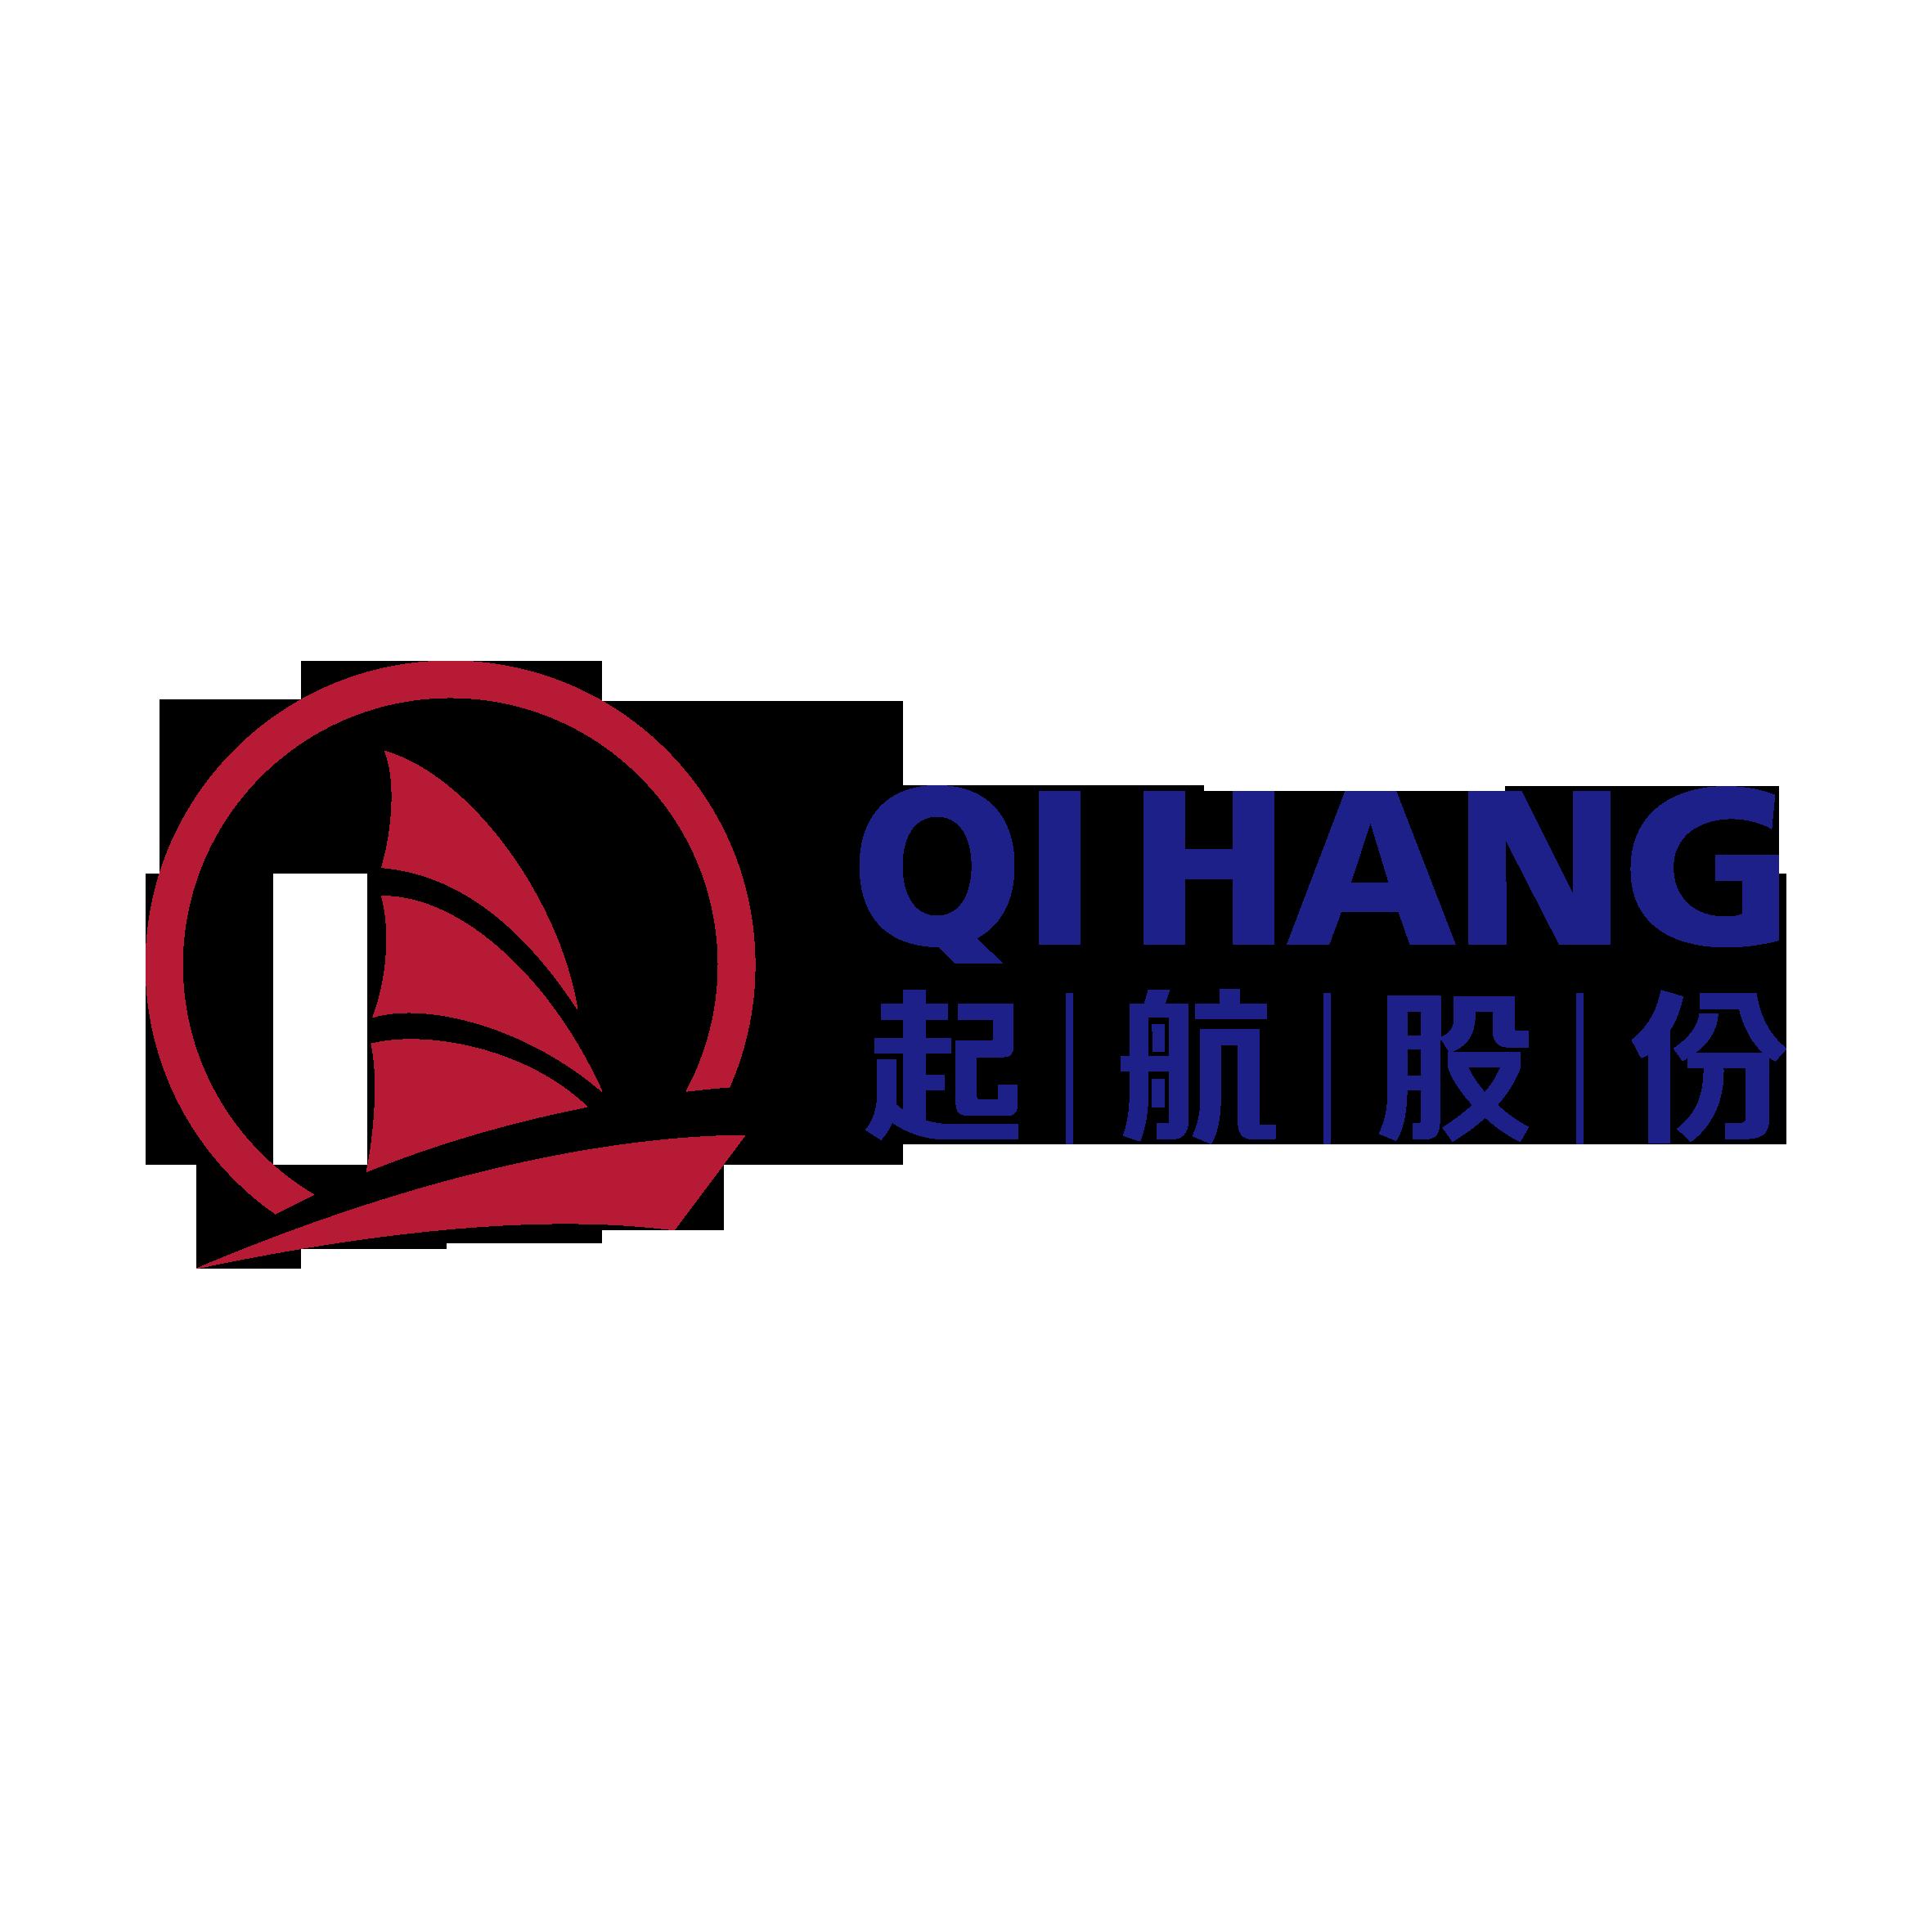 江南金融科技(常州)有限公司的企业标志